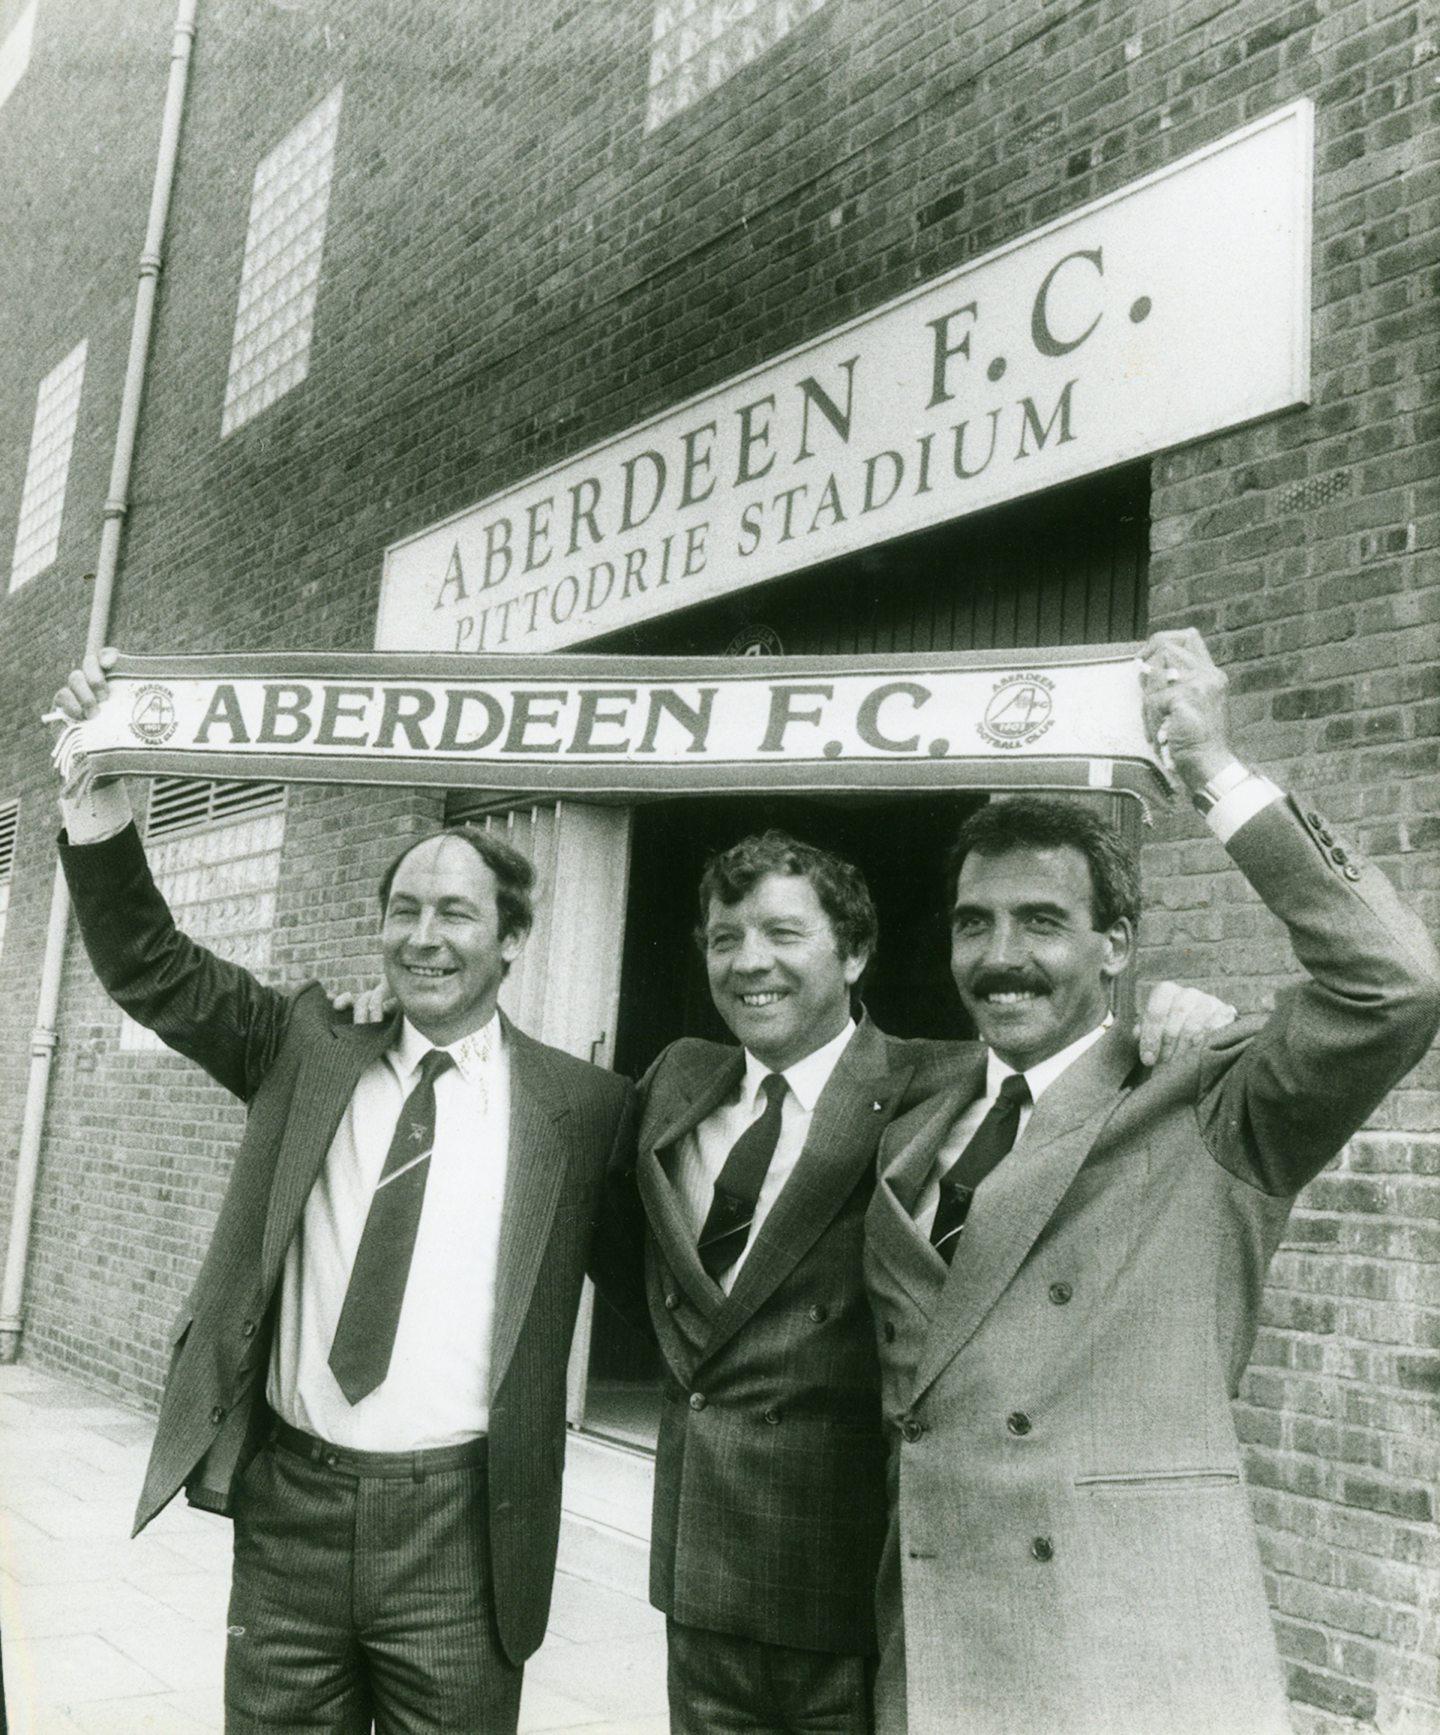 The Aberdeen management team of Drew Jarvie, Alex Smith and Jocky Scott.